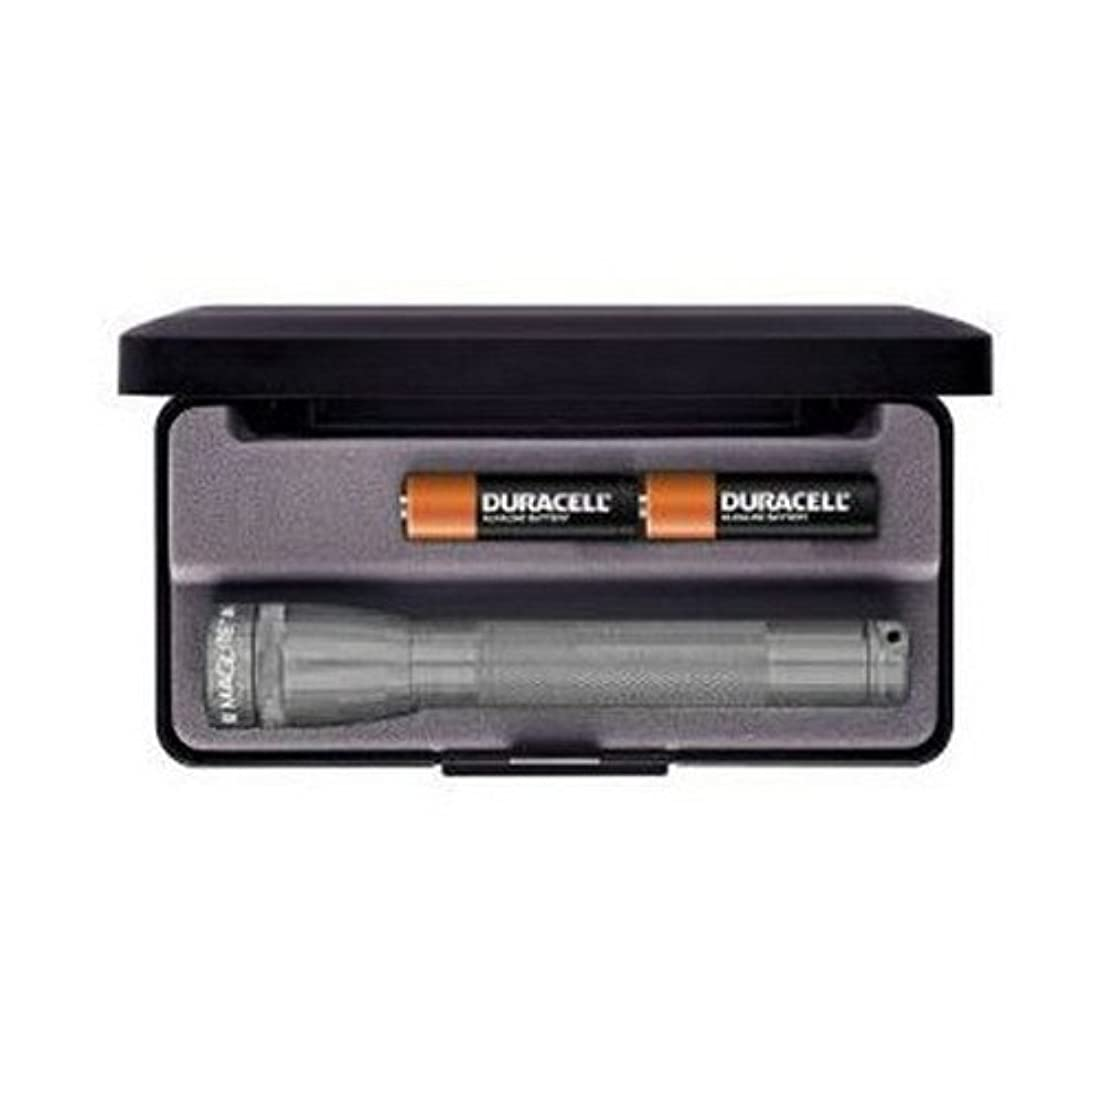 ポルノ修羅場エンドウMAGLITE MINI MAGLITE 2 AA LED FLASHLIGHT WITH PRESENTATION BOX (GREY) (Parallel Imported Product)